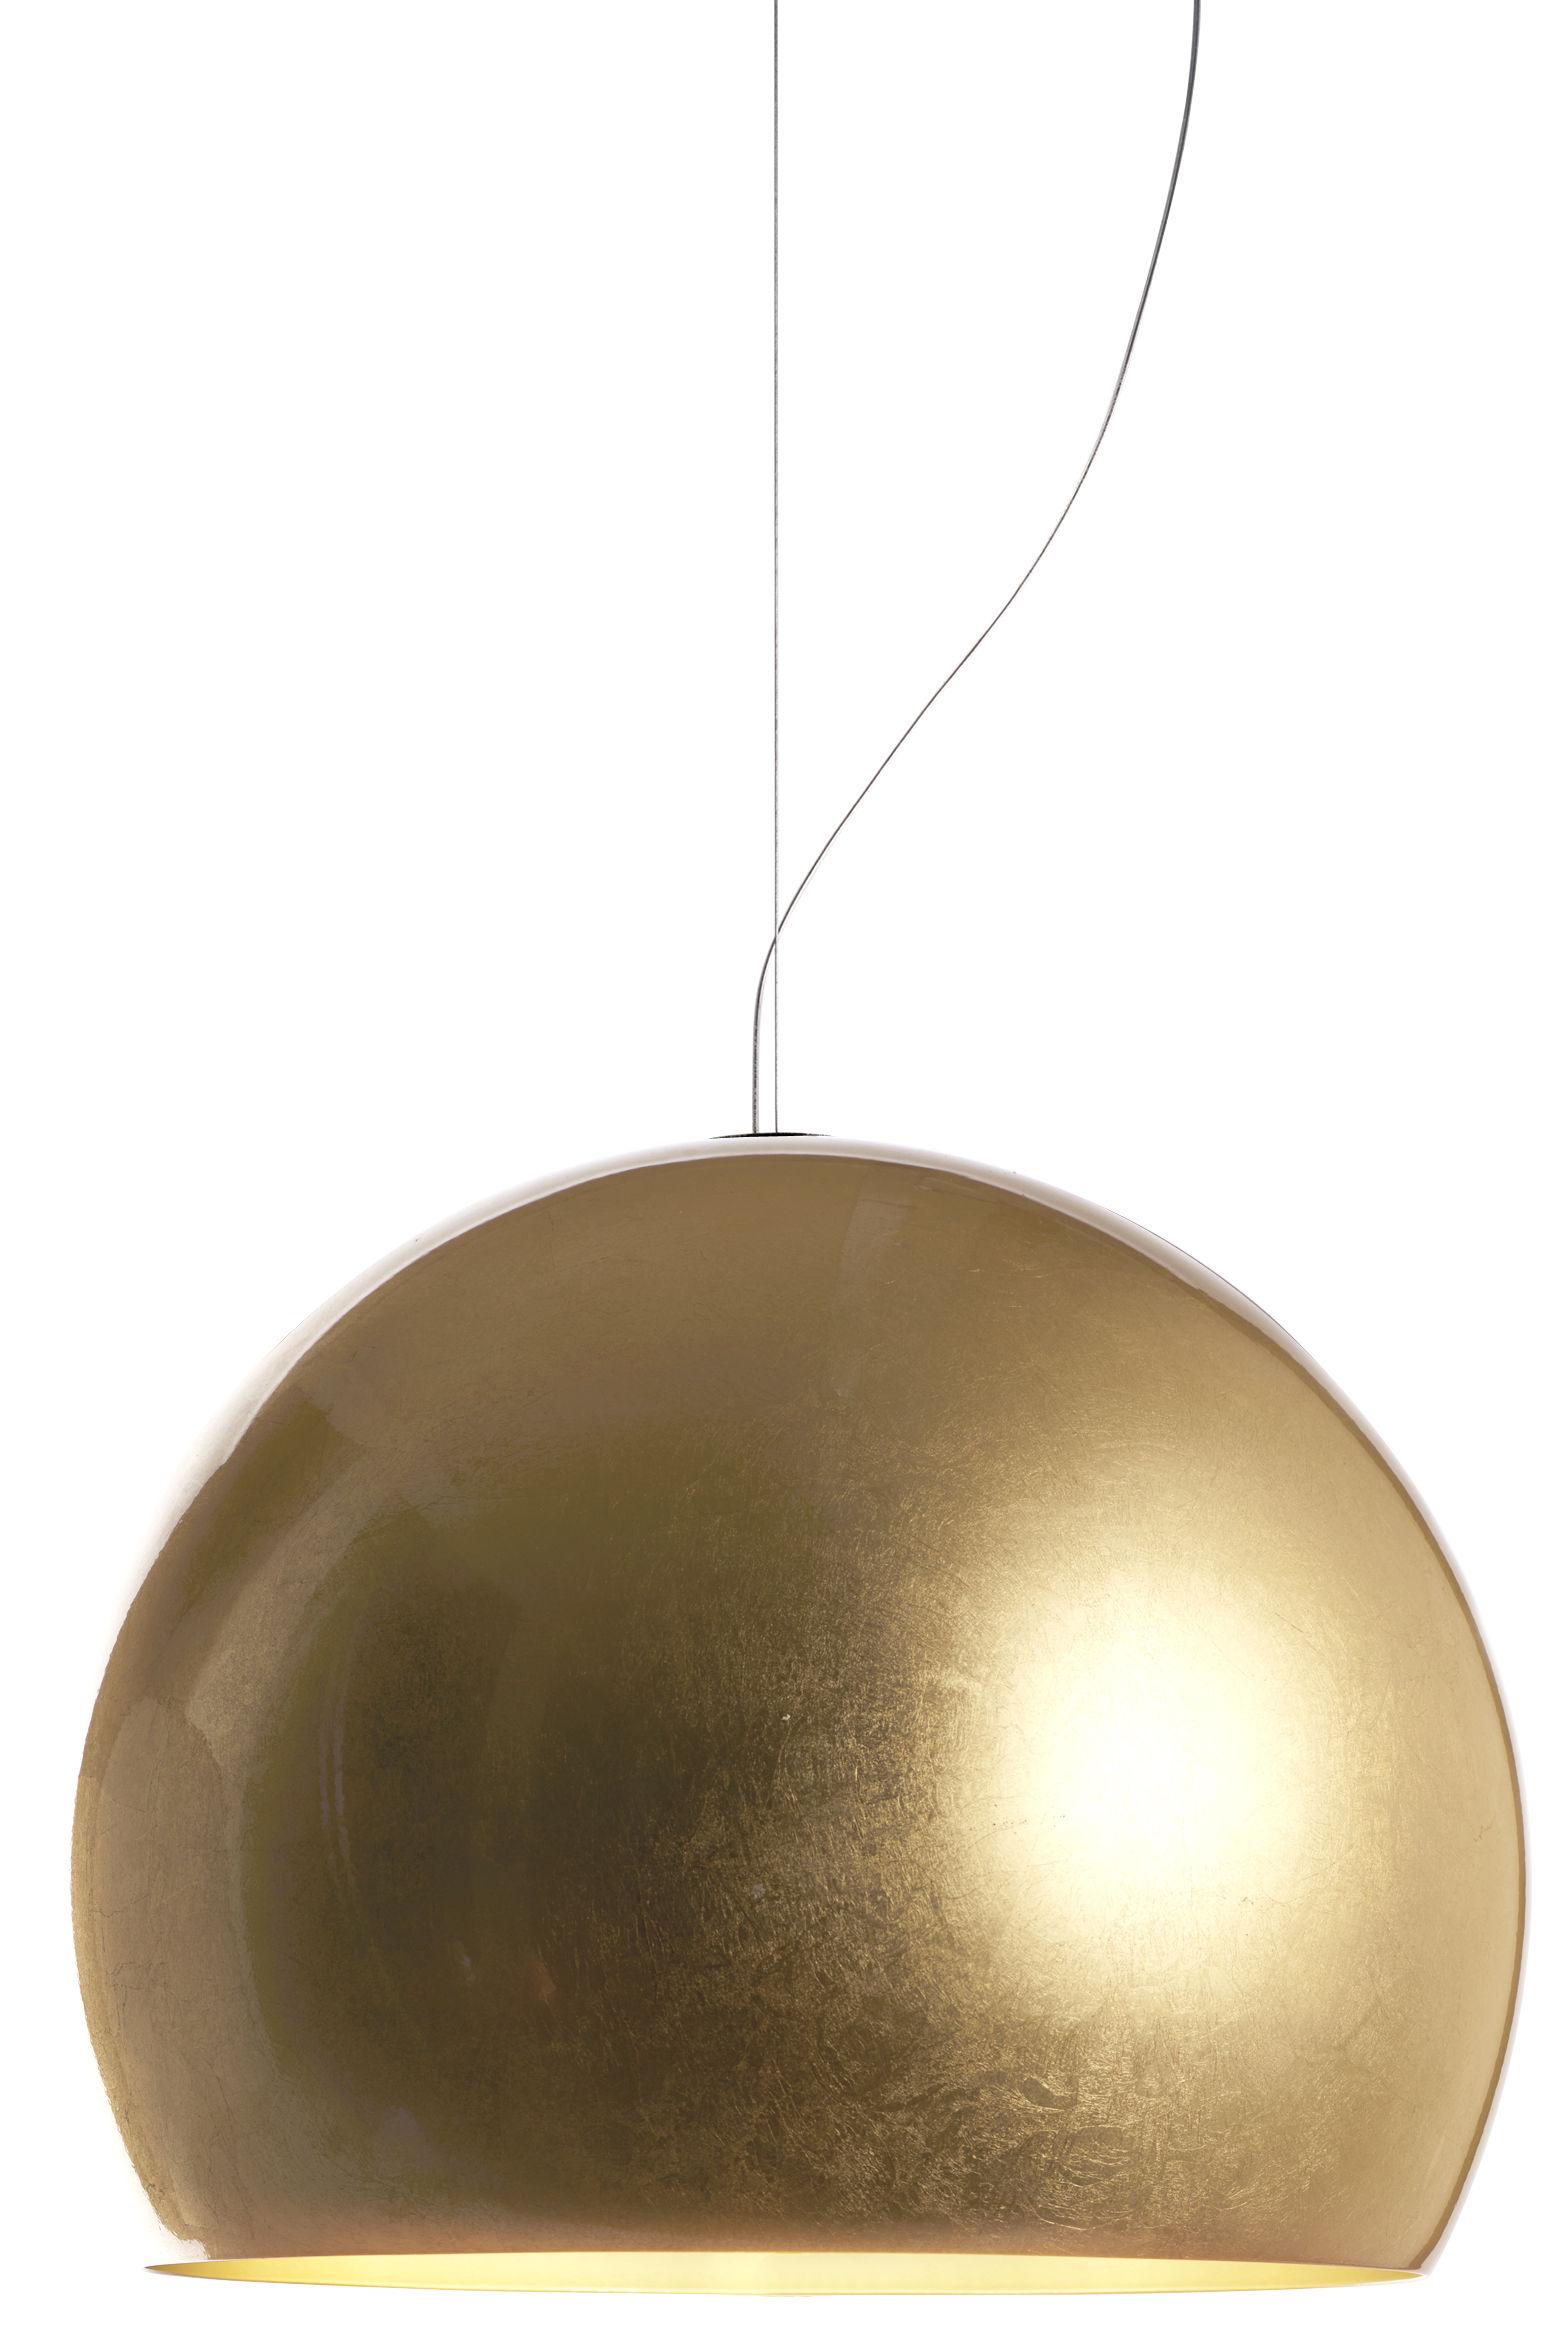 Leuchten - Pendelleuchten - Lalampada Pendelleuchte / vergoldet - Opinion Ciatti - Mit Blattgold beschichtet / Innenseite goldfarben - Aluminium, Blattgold